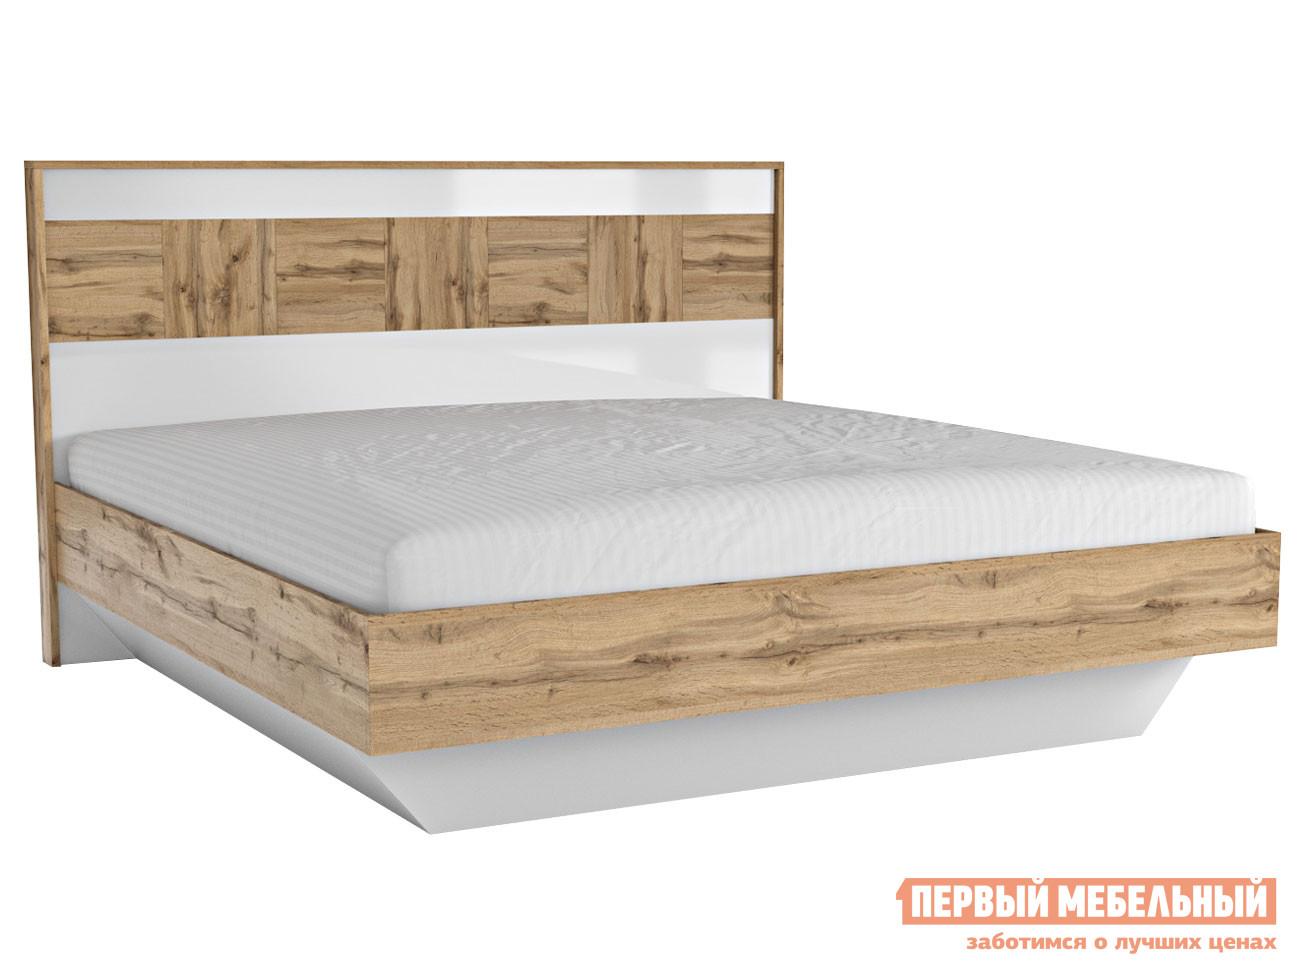 Двуспальная кровать  Двуспальная кровать Аризона 1800 Х 2000 мм, Дуб Ватан / Белый лак, С основанием